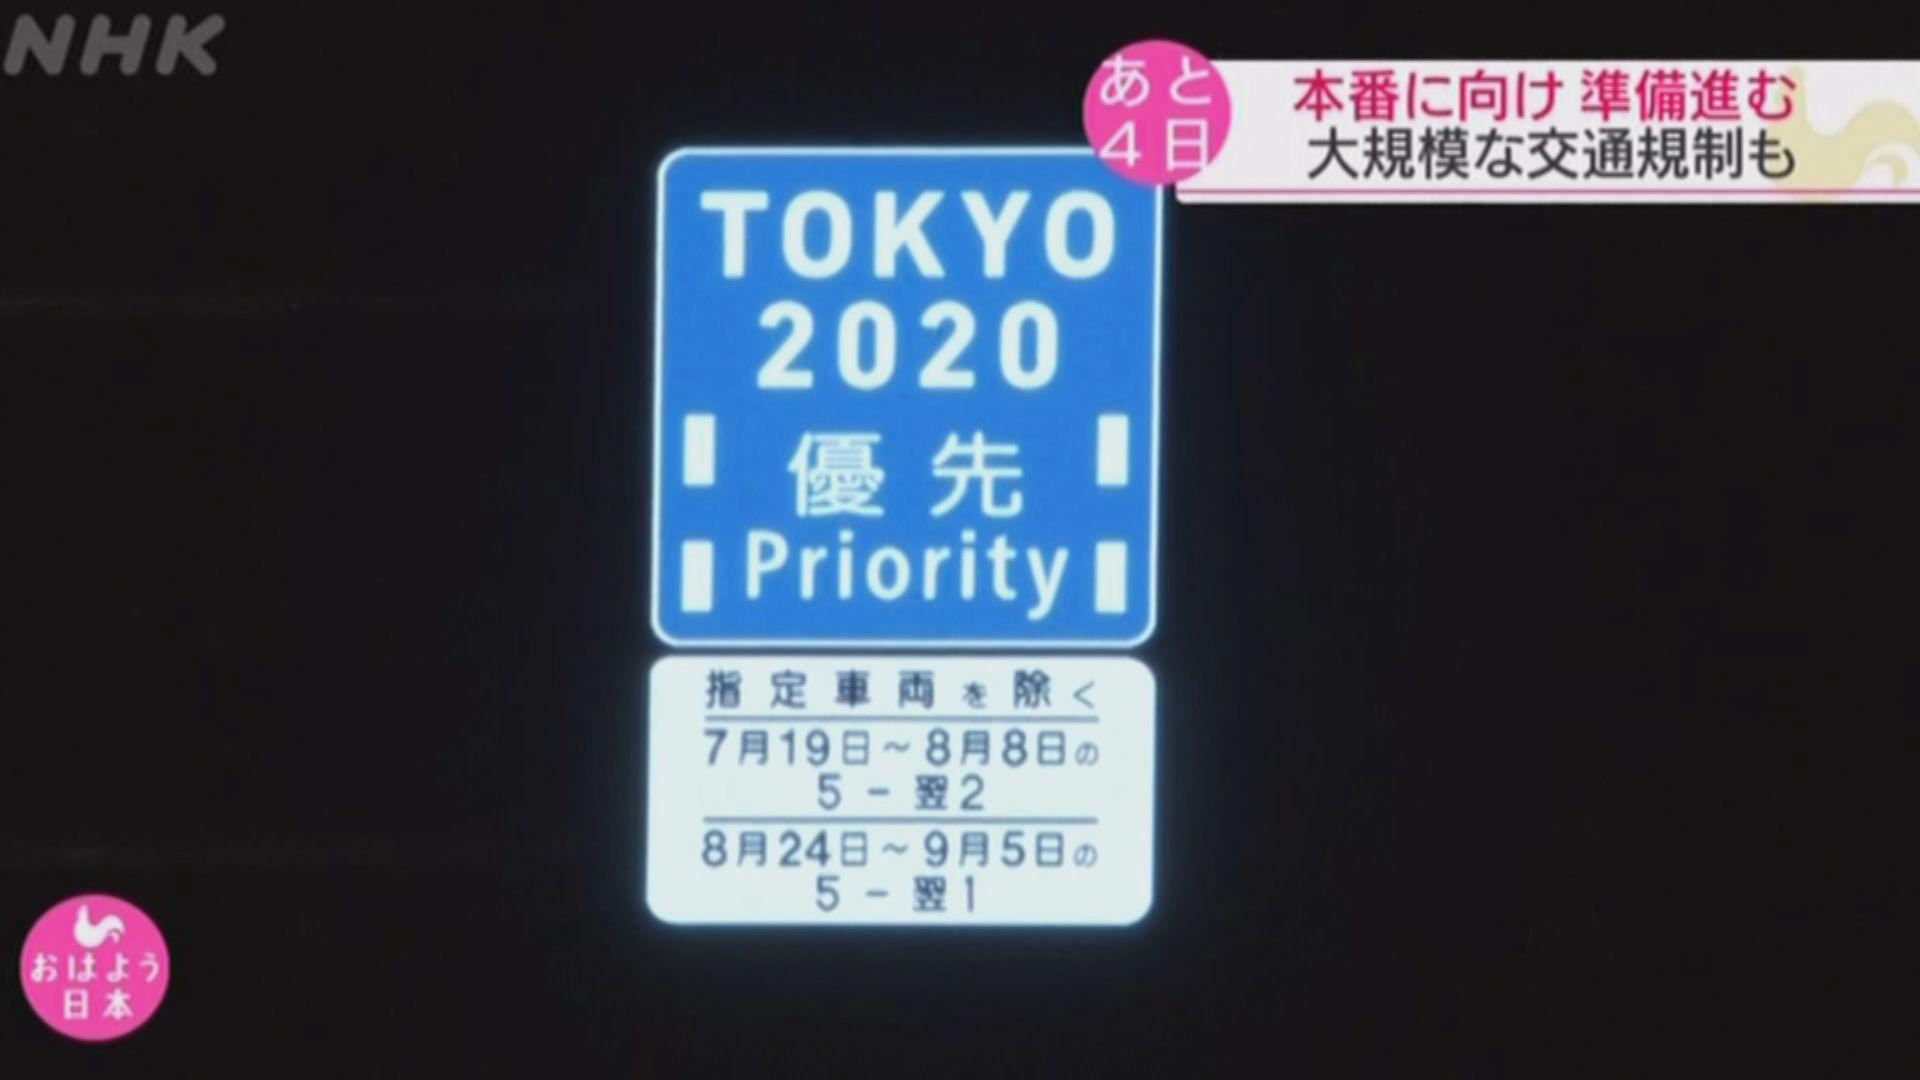 東京奧運比賽場館附近道路實施交通管制